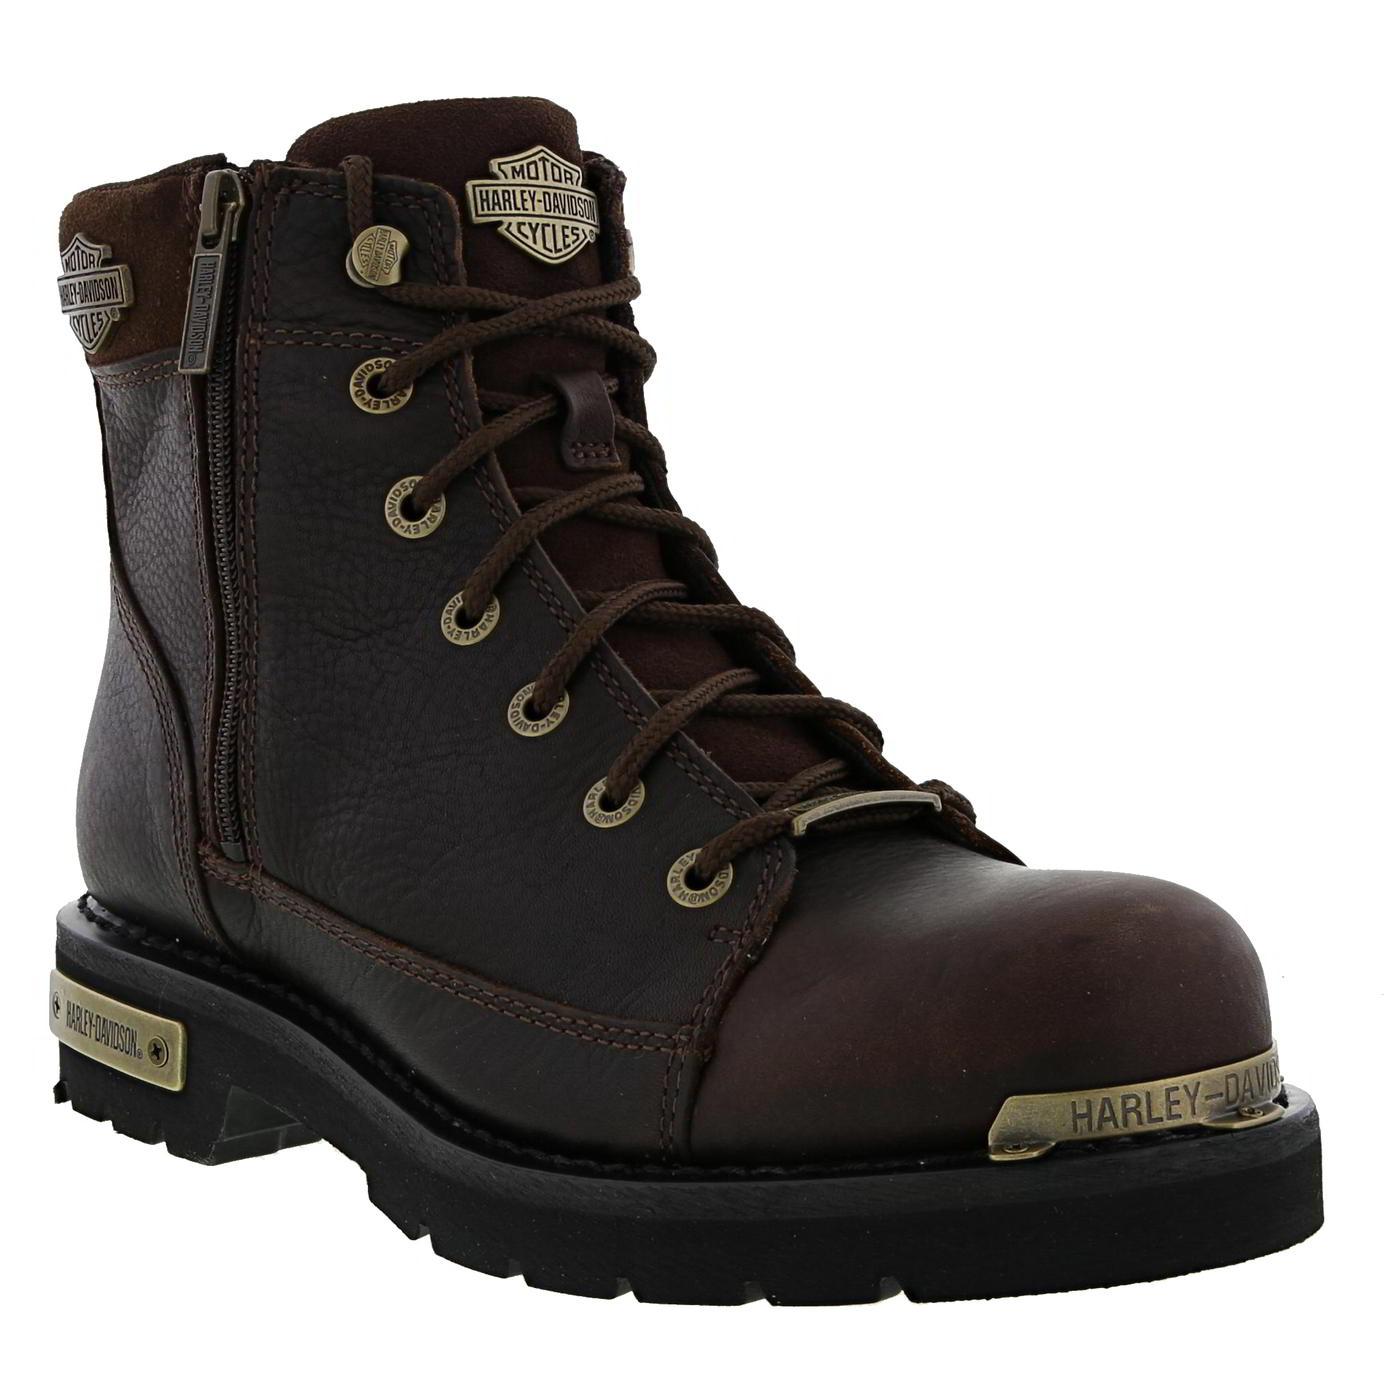 Harley Davidson Chipman Mens Brown Leather Lace Up Biker Boots Size ... 0000bda5bbb